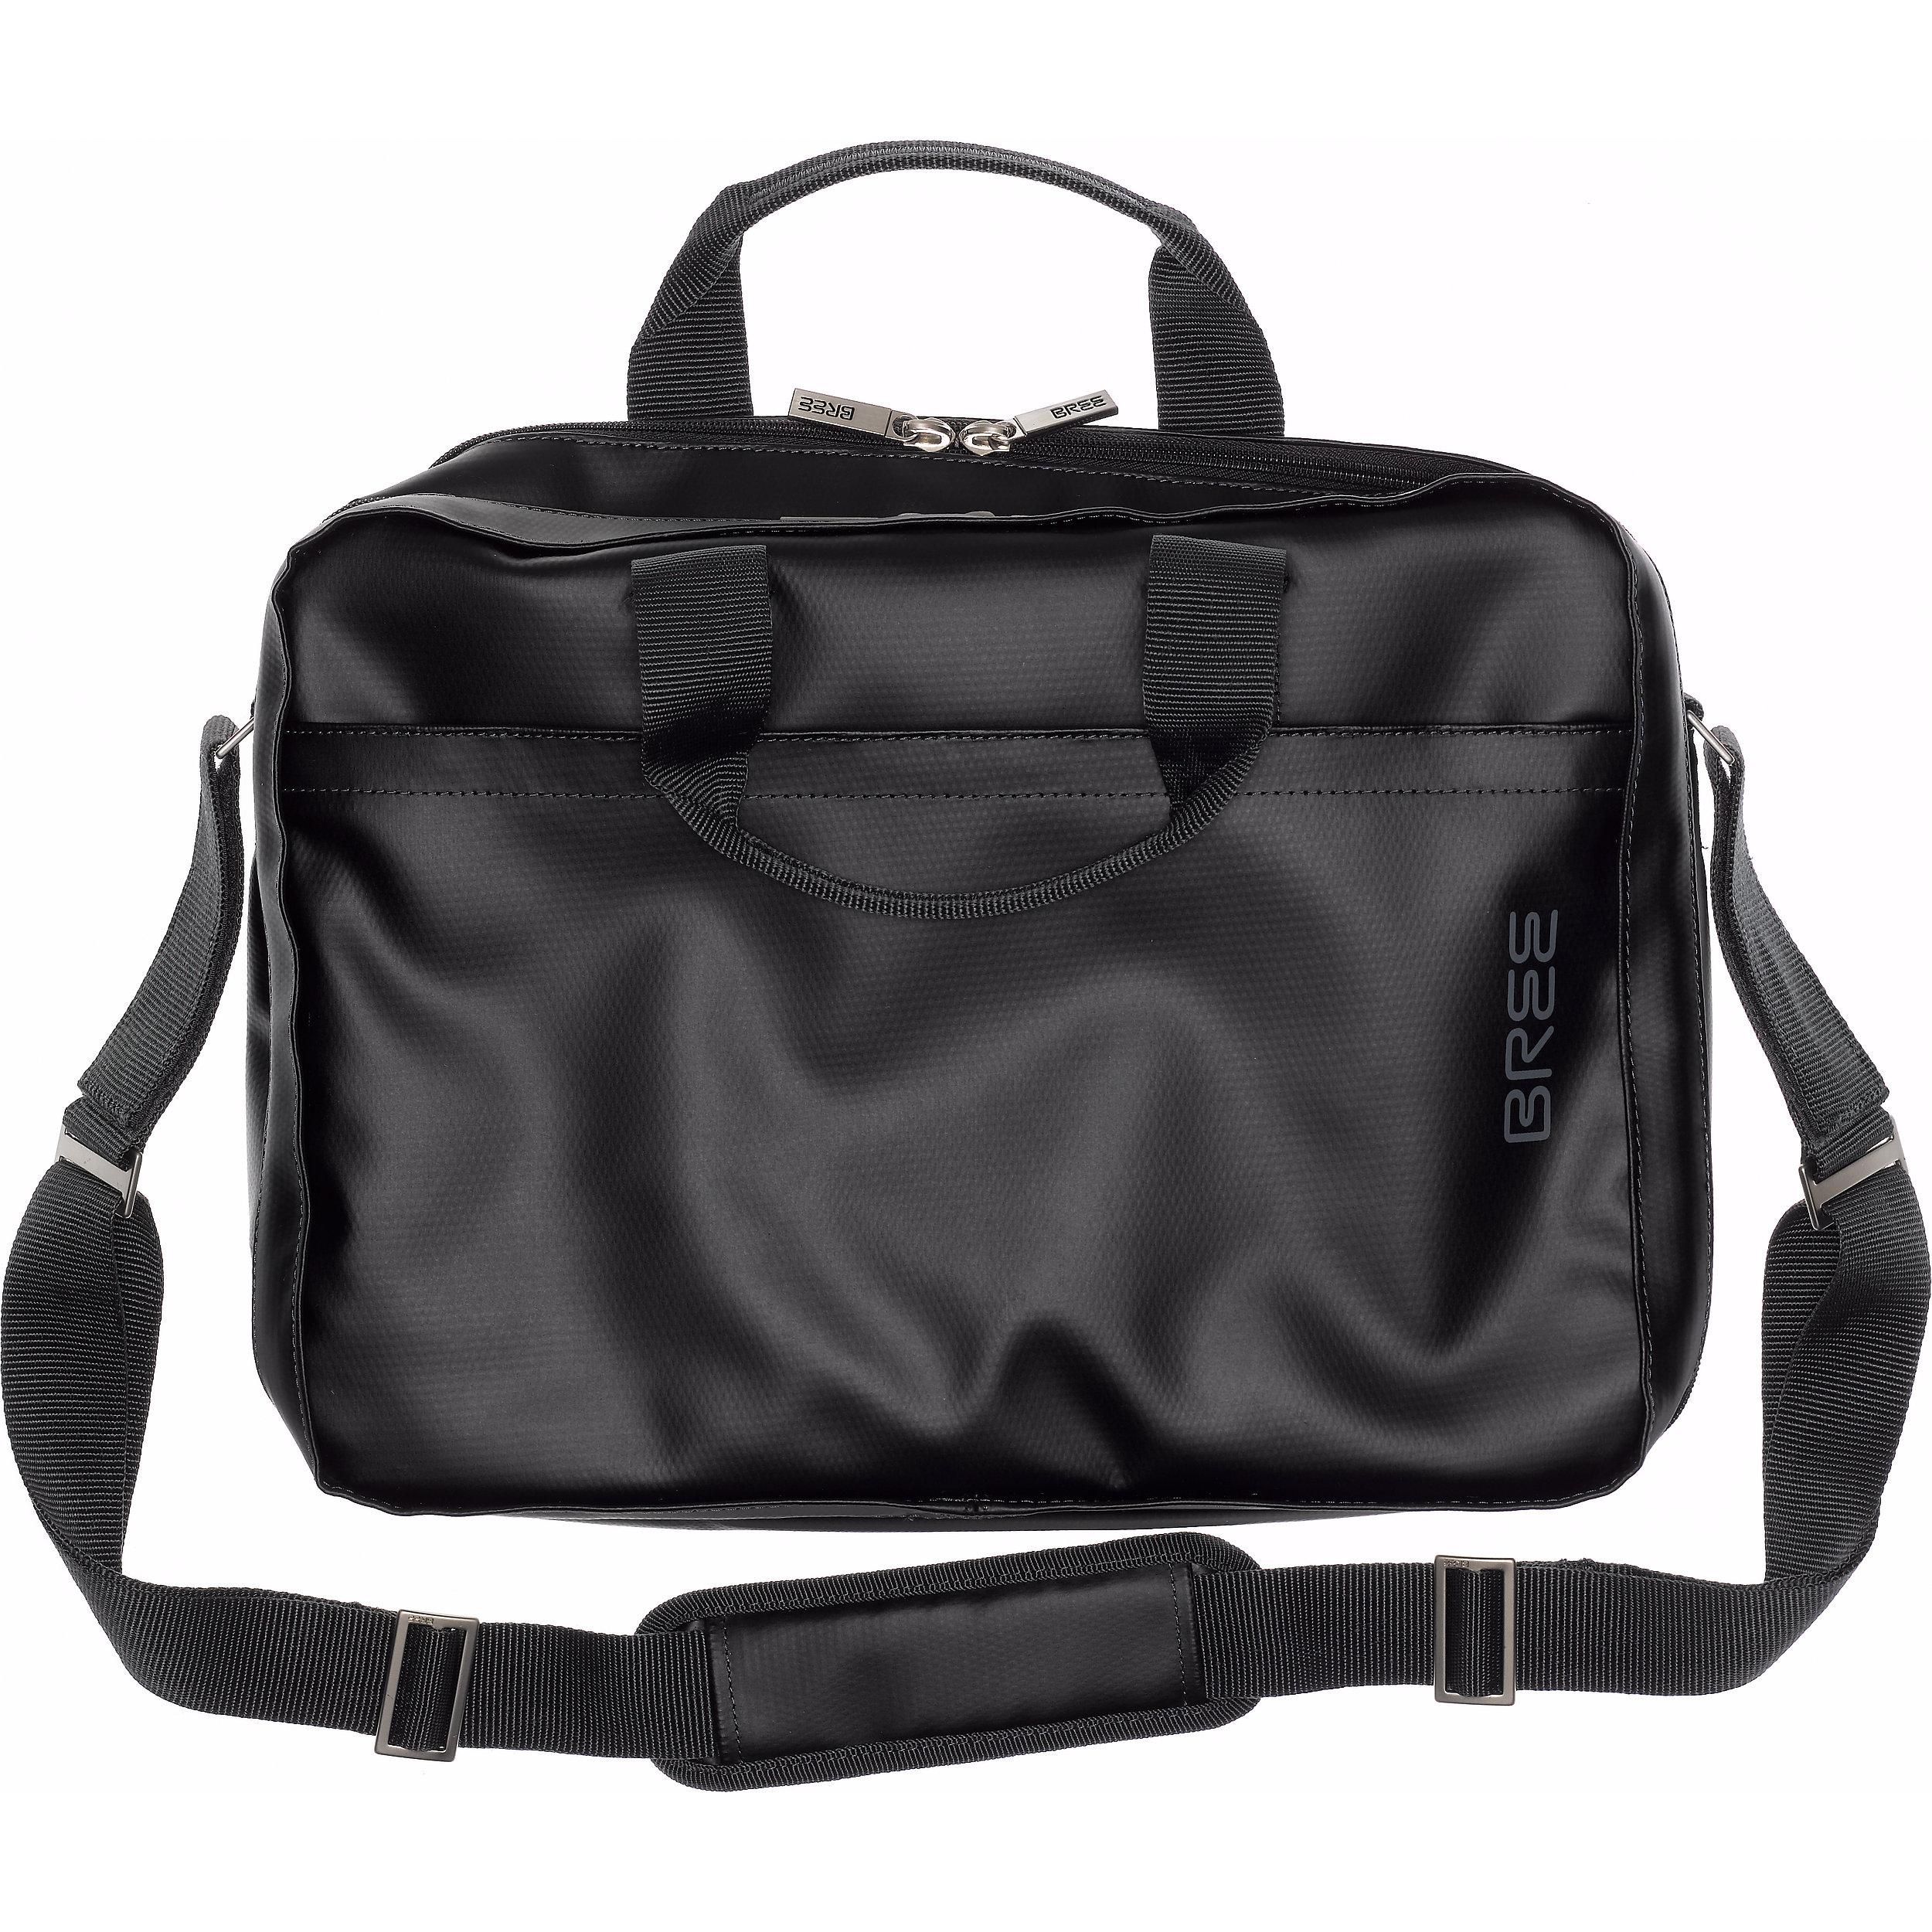 Laptop bag 67 Punch